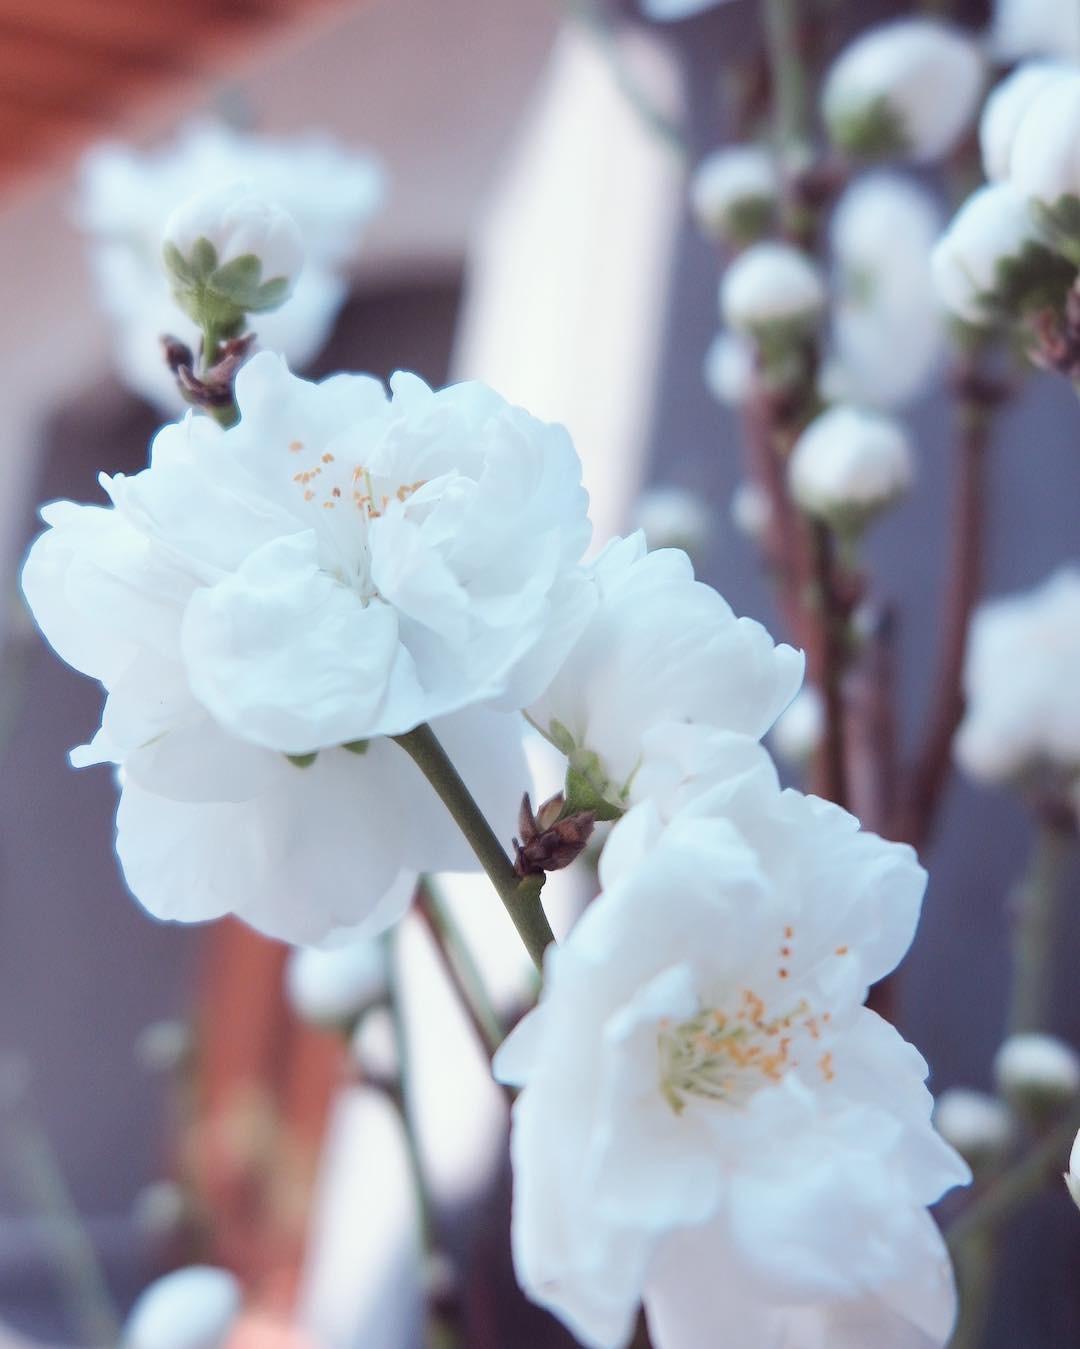 桃のこと、書の究極は人物に歸するの事_f0389753_13434095.jpeg